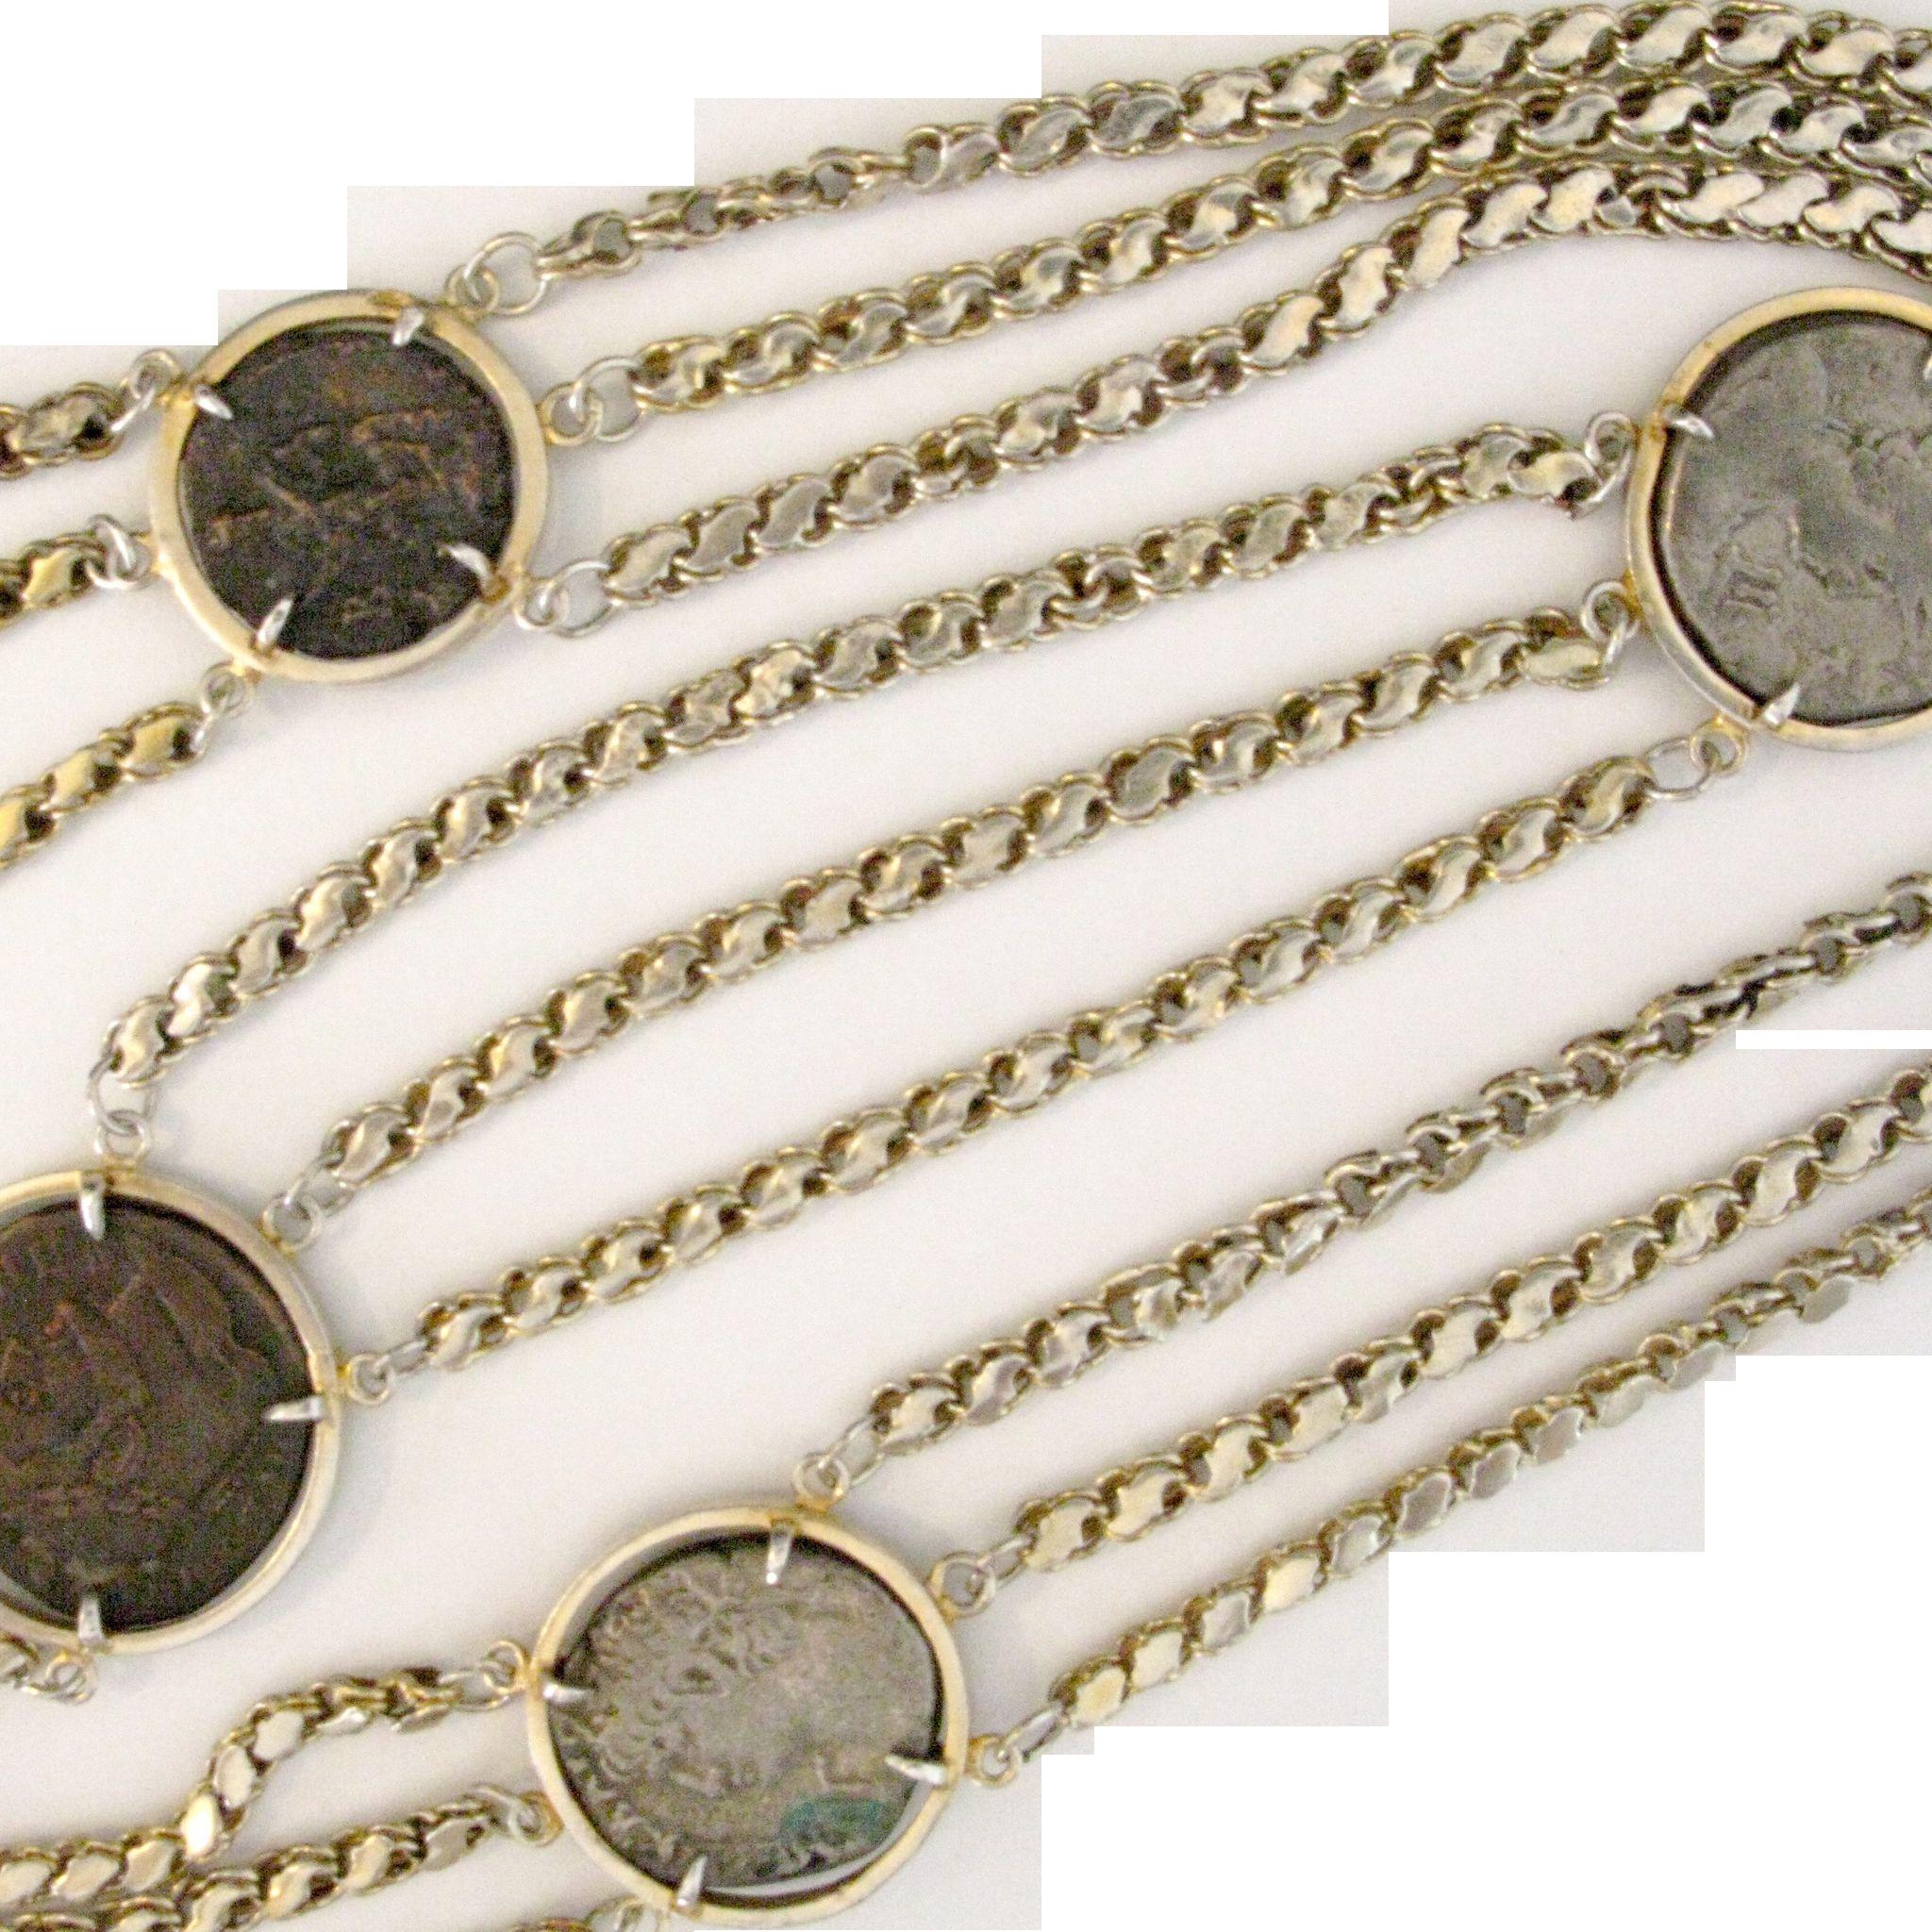 A rare Antique Coins necklace